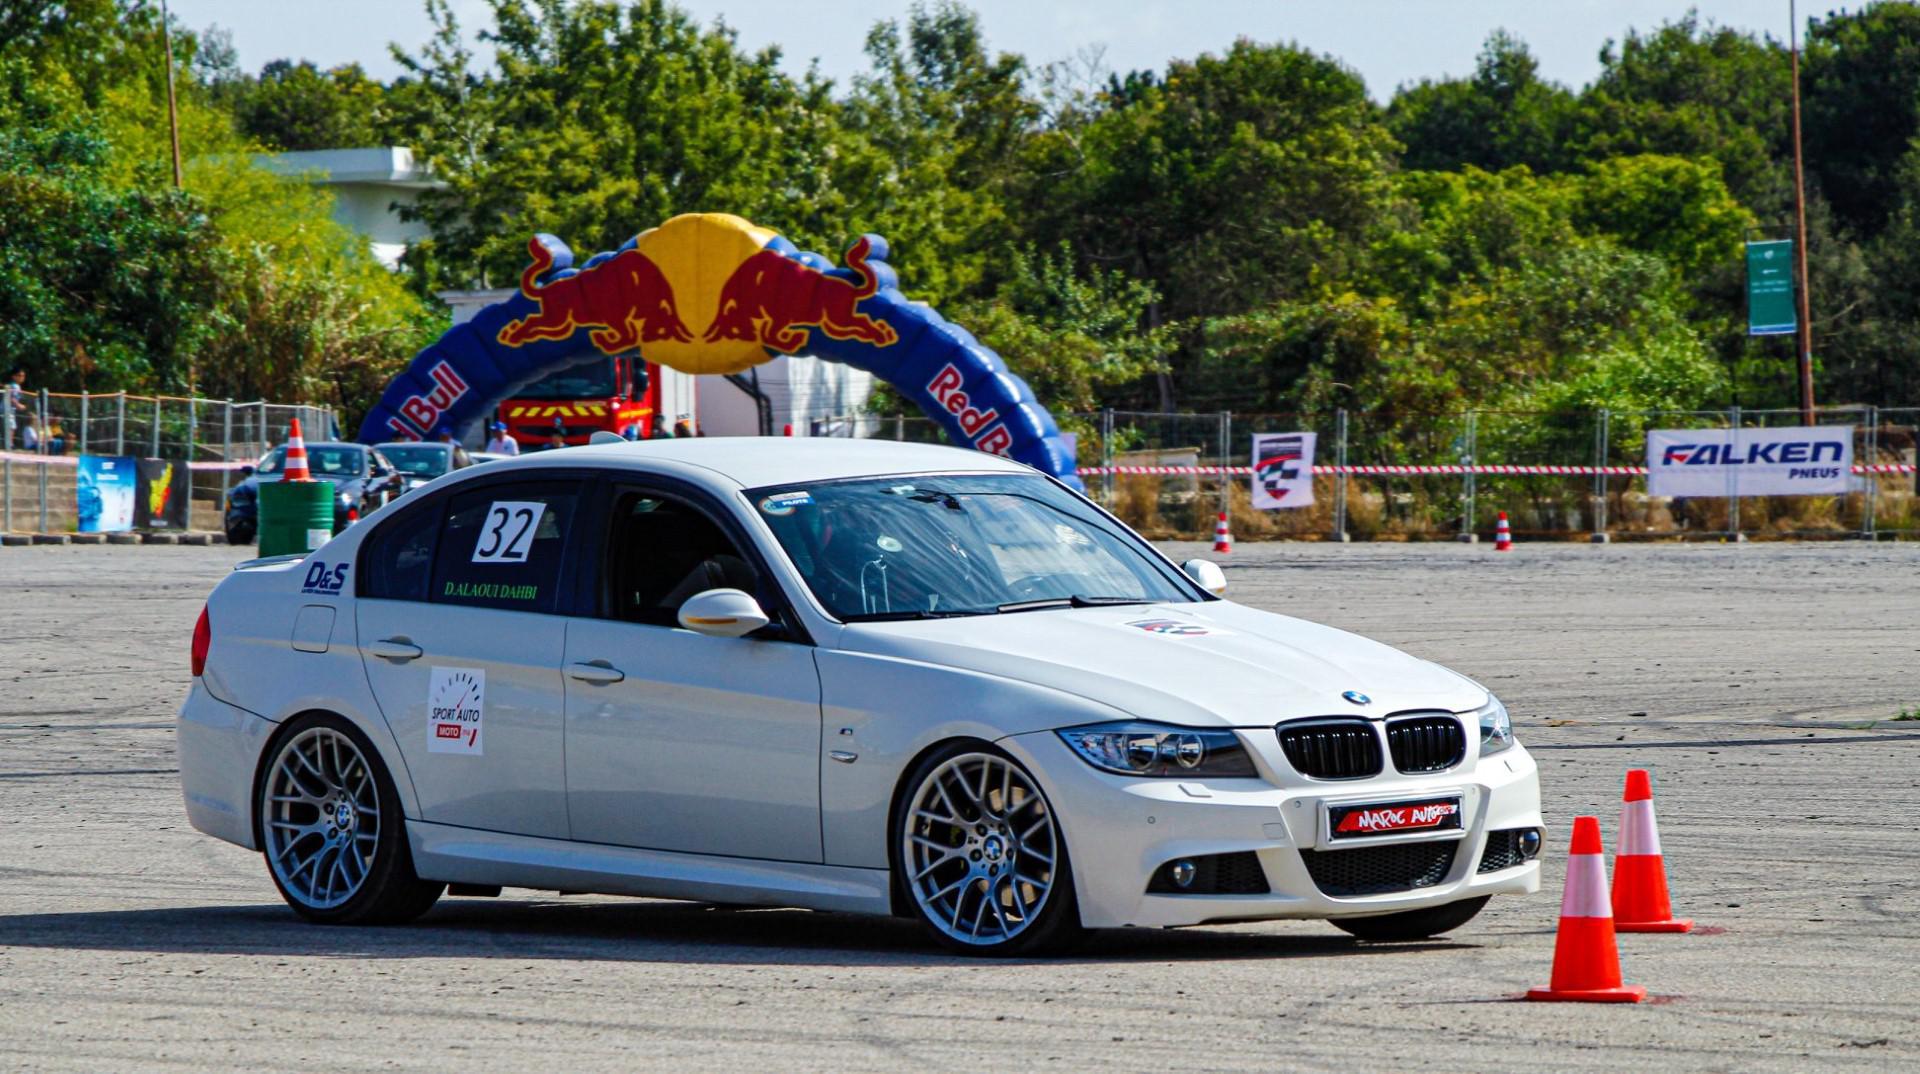 preparer-une-voiture-pour-la-course-au-maroc-1255-40.jpg